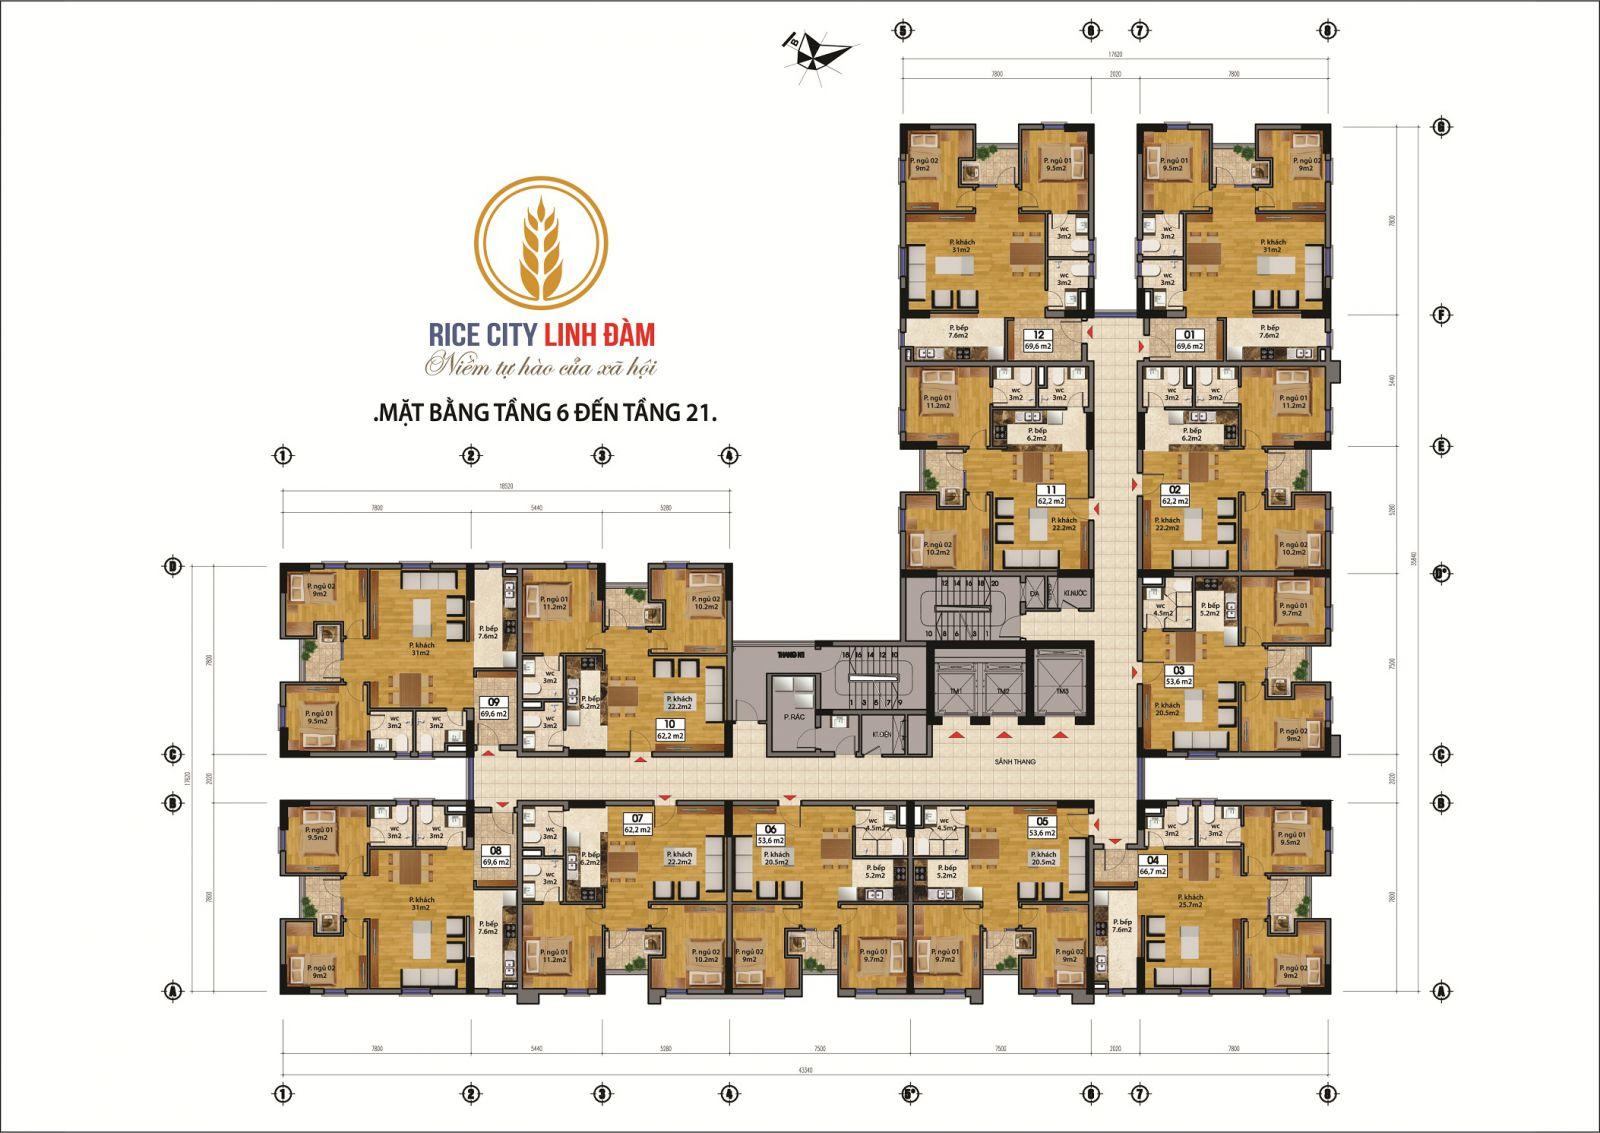 mặt-bằng-tòa-nam-tầng-6-21-rice-city-linh-đàm